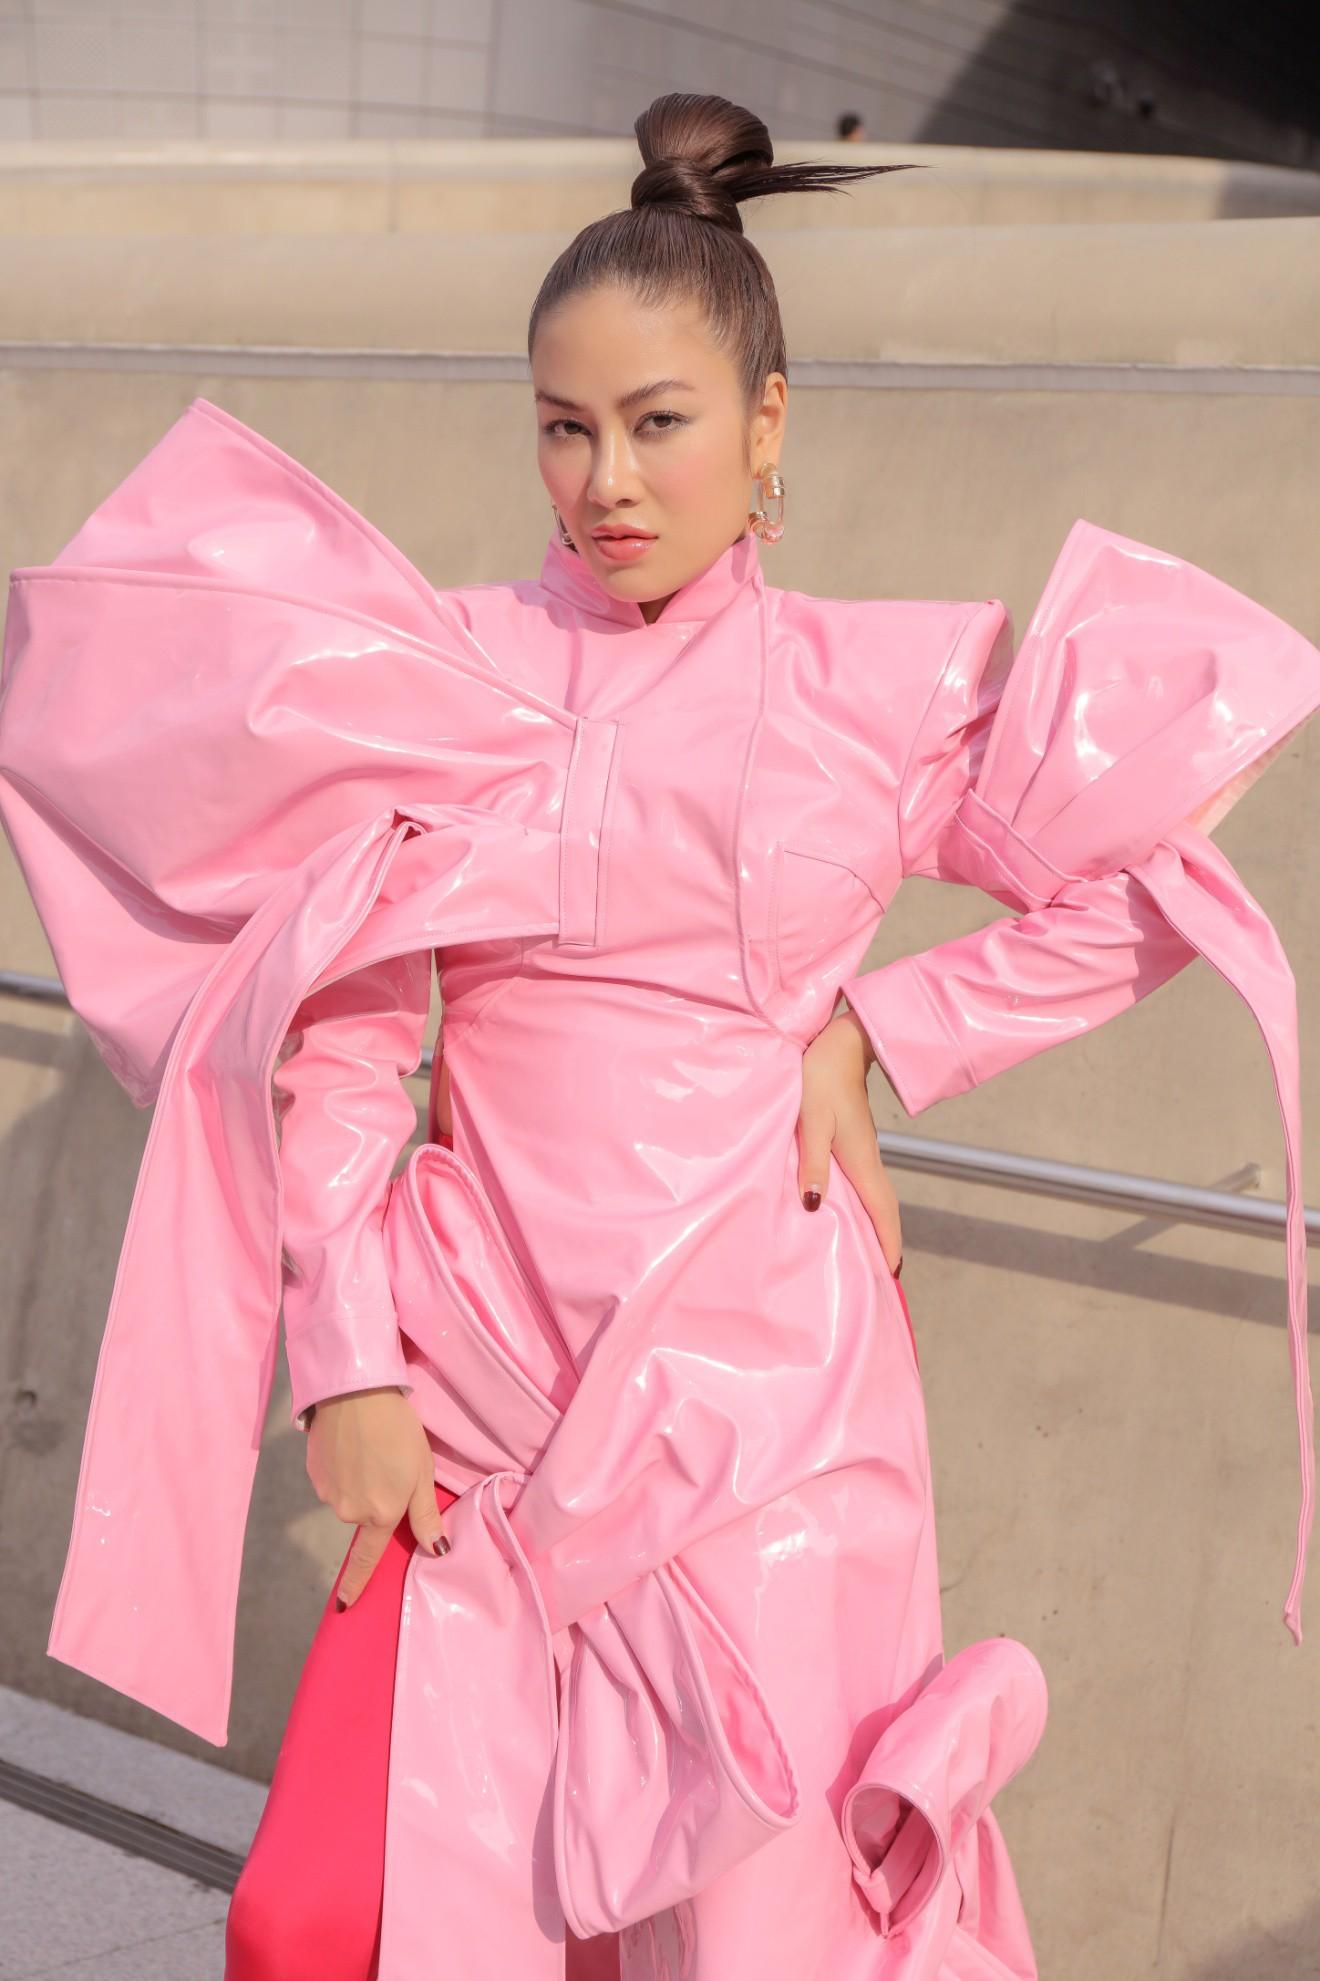 Giới mộ điệu ngỡ ngàng khi Hoa hậu Áo dài Tuyết Nga đem áo dài đính rồng kim loại đến Seoul Fashion Week 2019 - Ảnh 10.